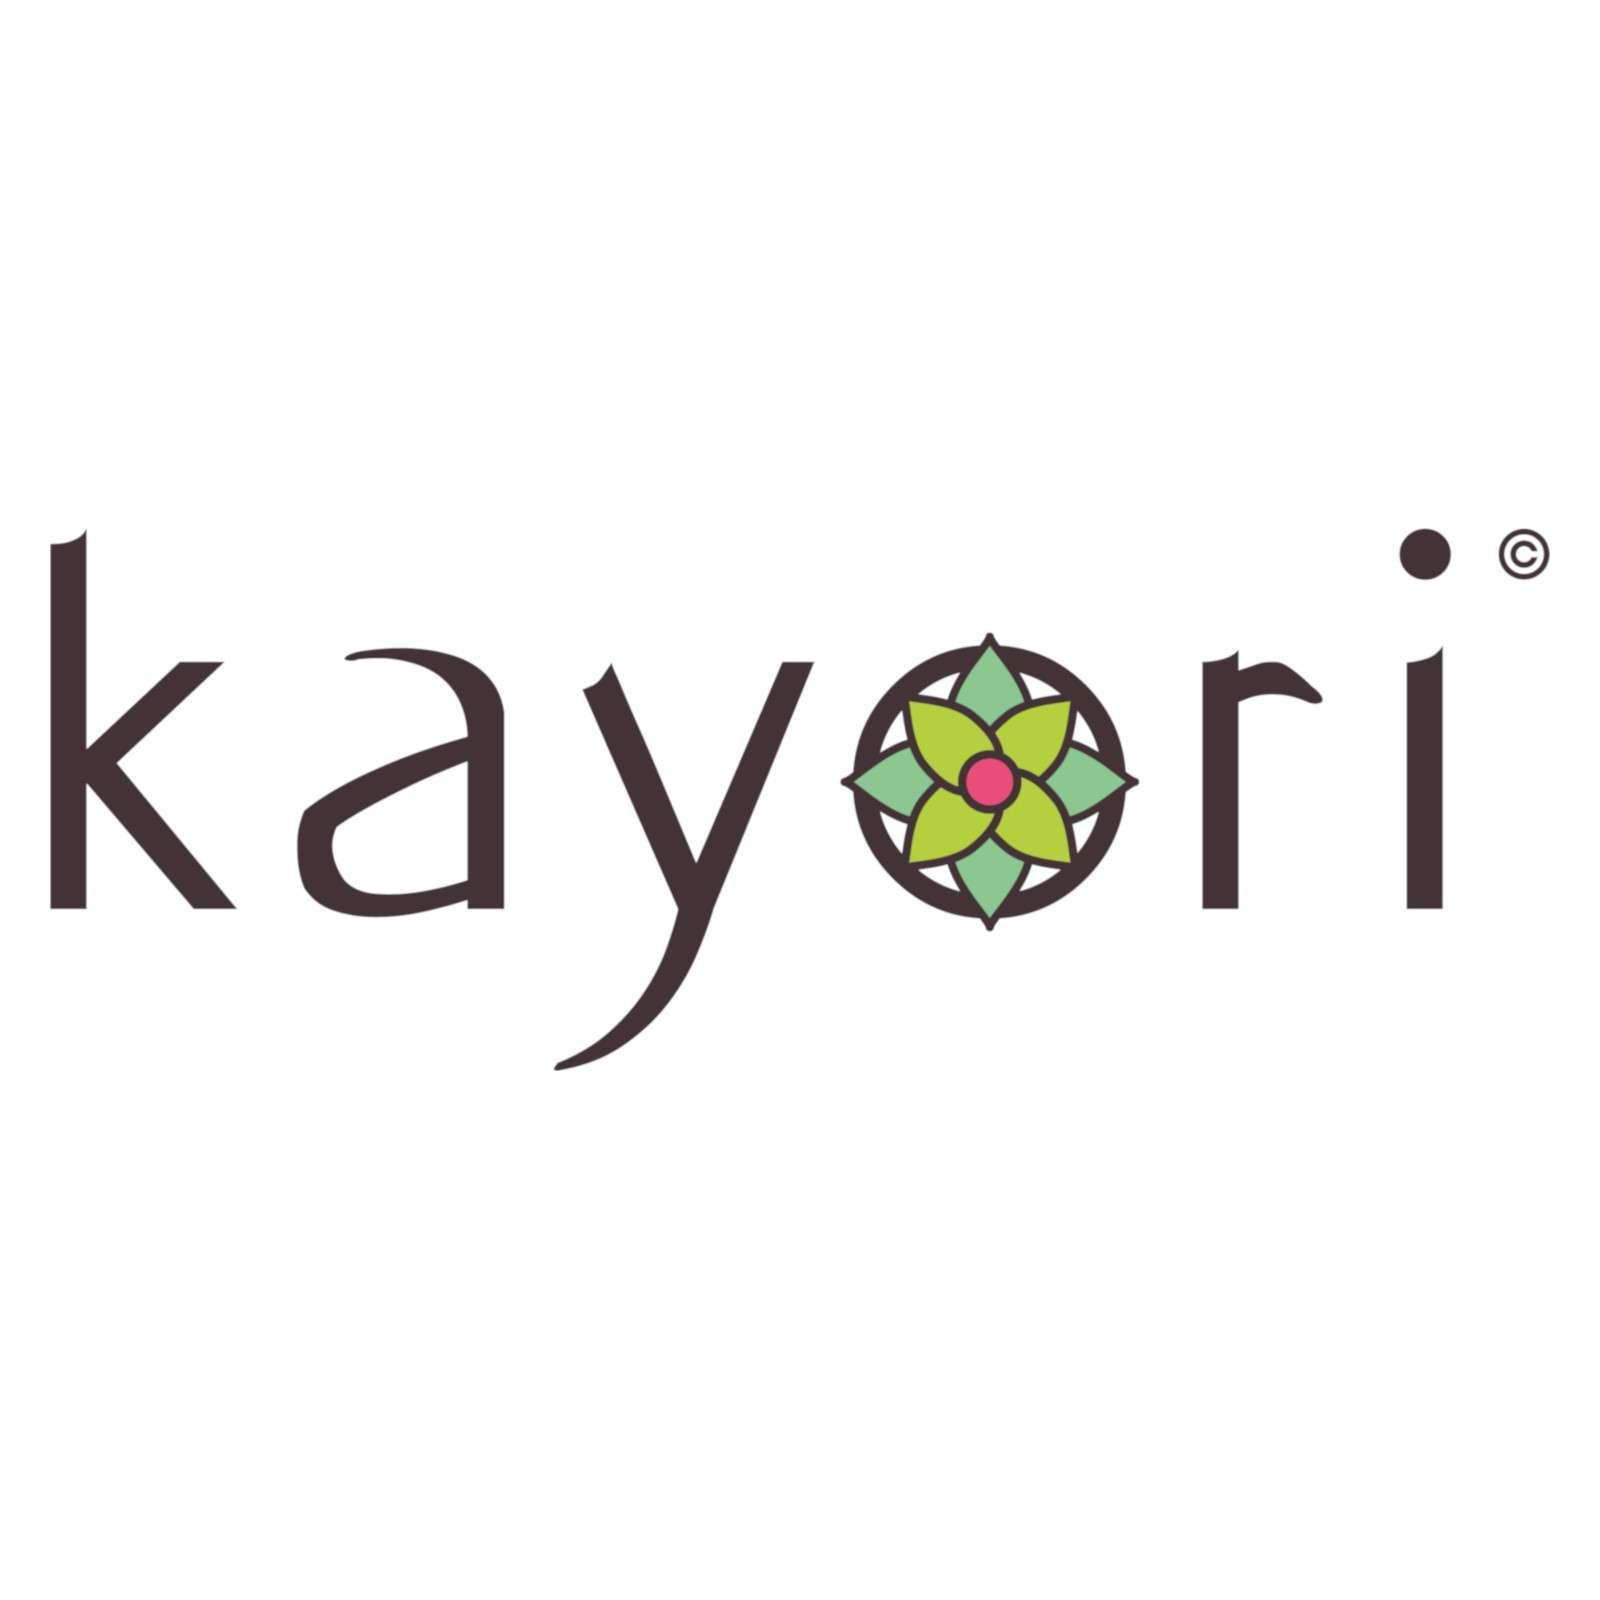 kayori